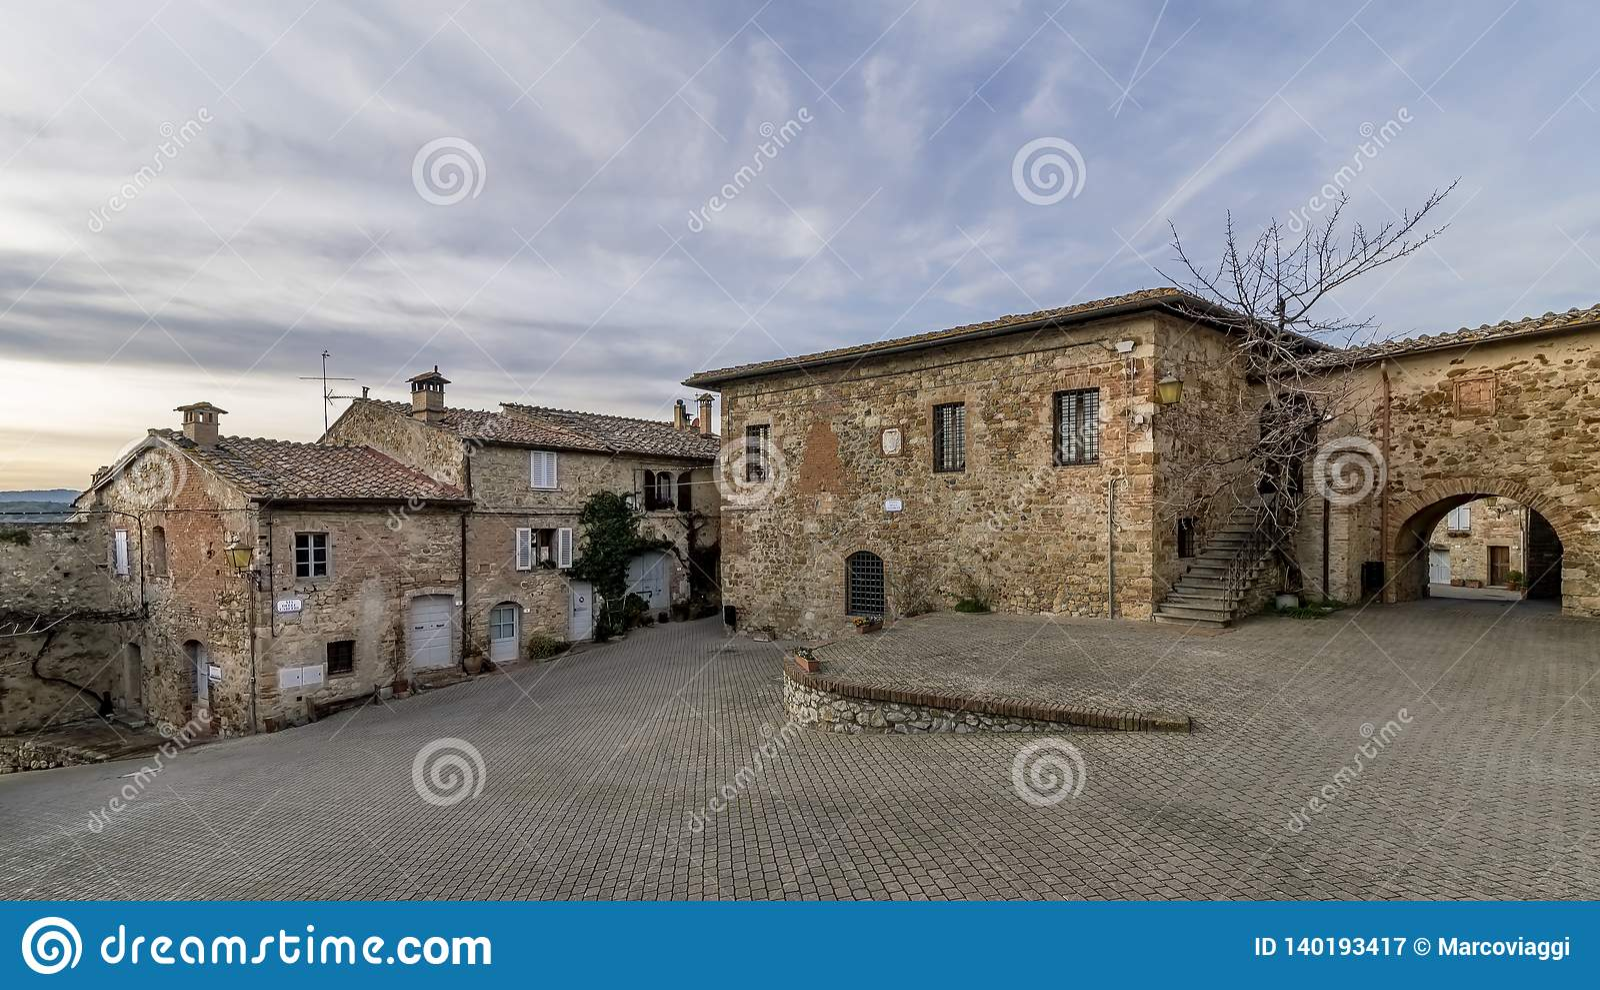 Panoramablick der historischen Mitte des mittelalterlichen Dorfs von Murlo, Siena, Toskana, Italien